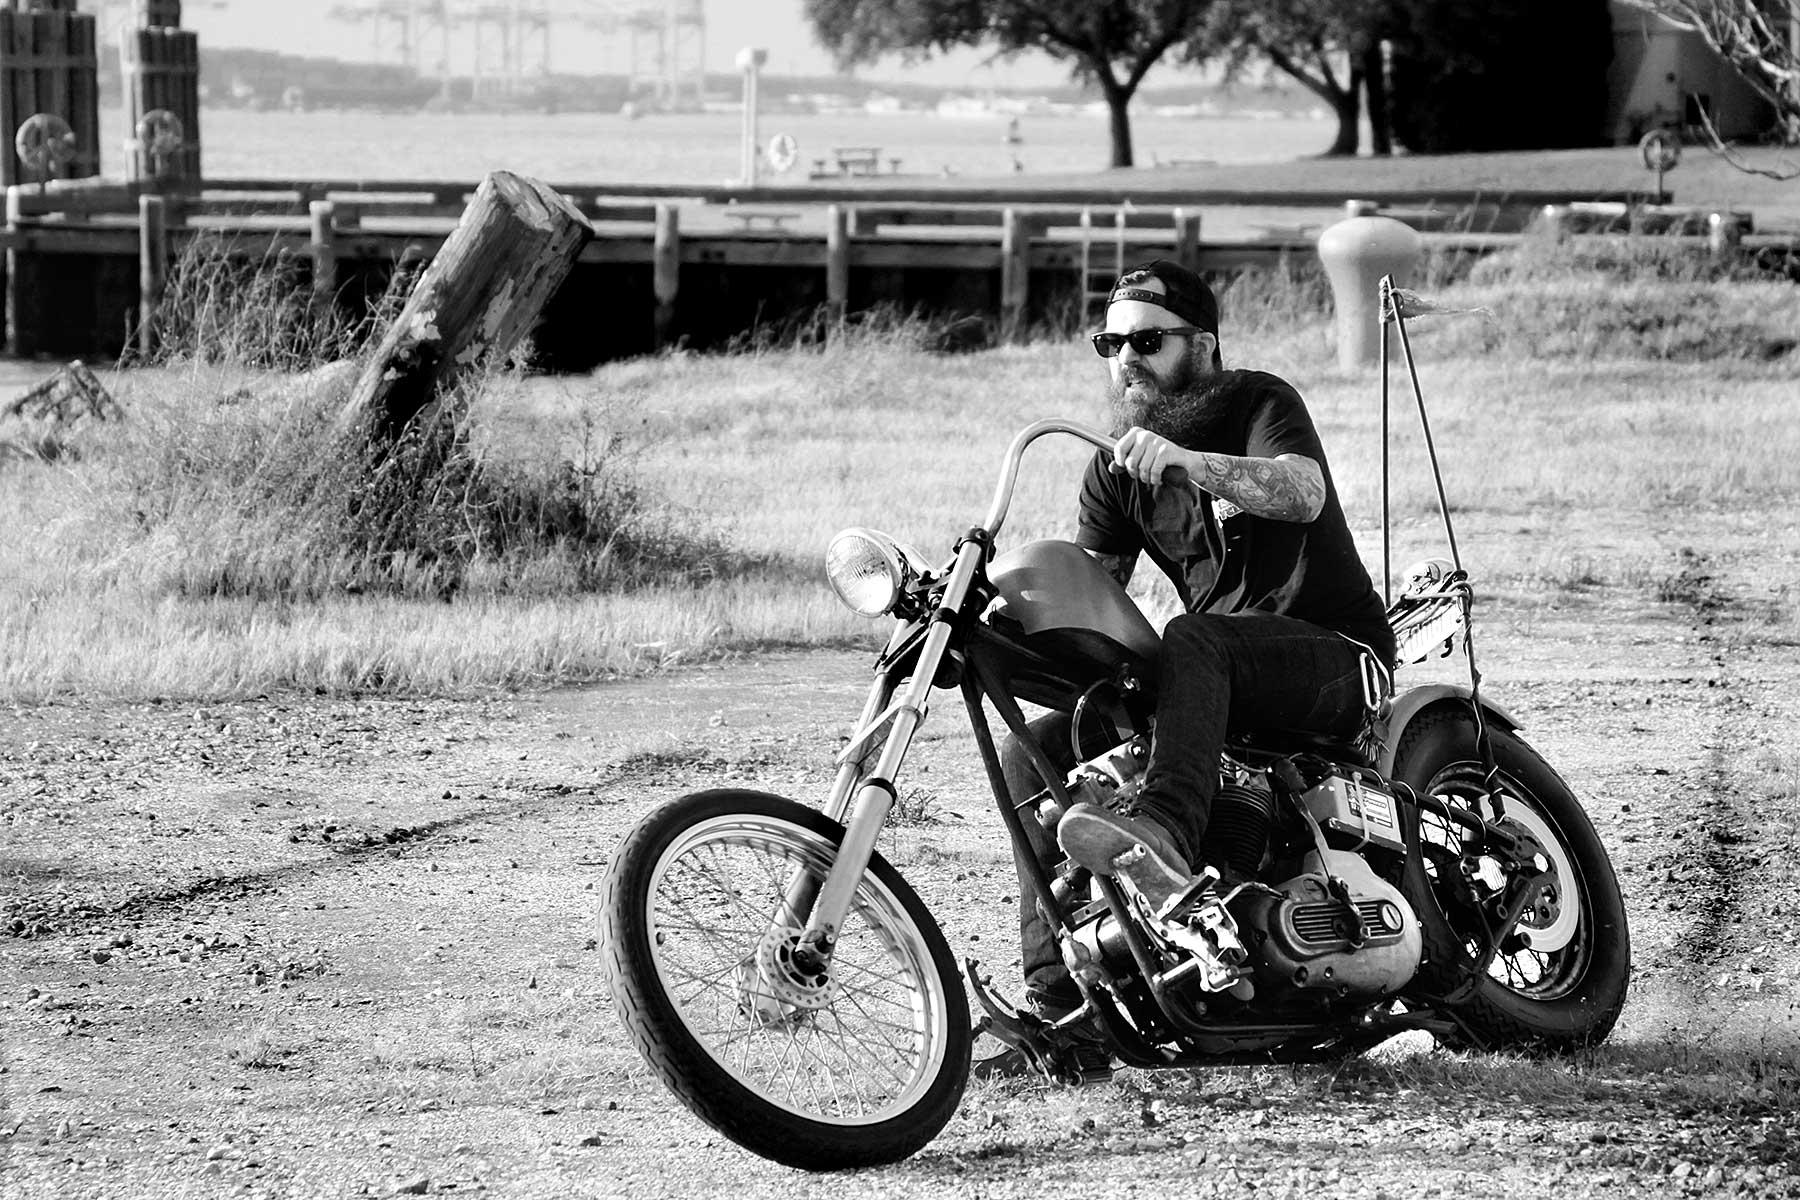 Pete's ironhead chopper